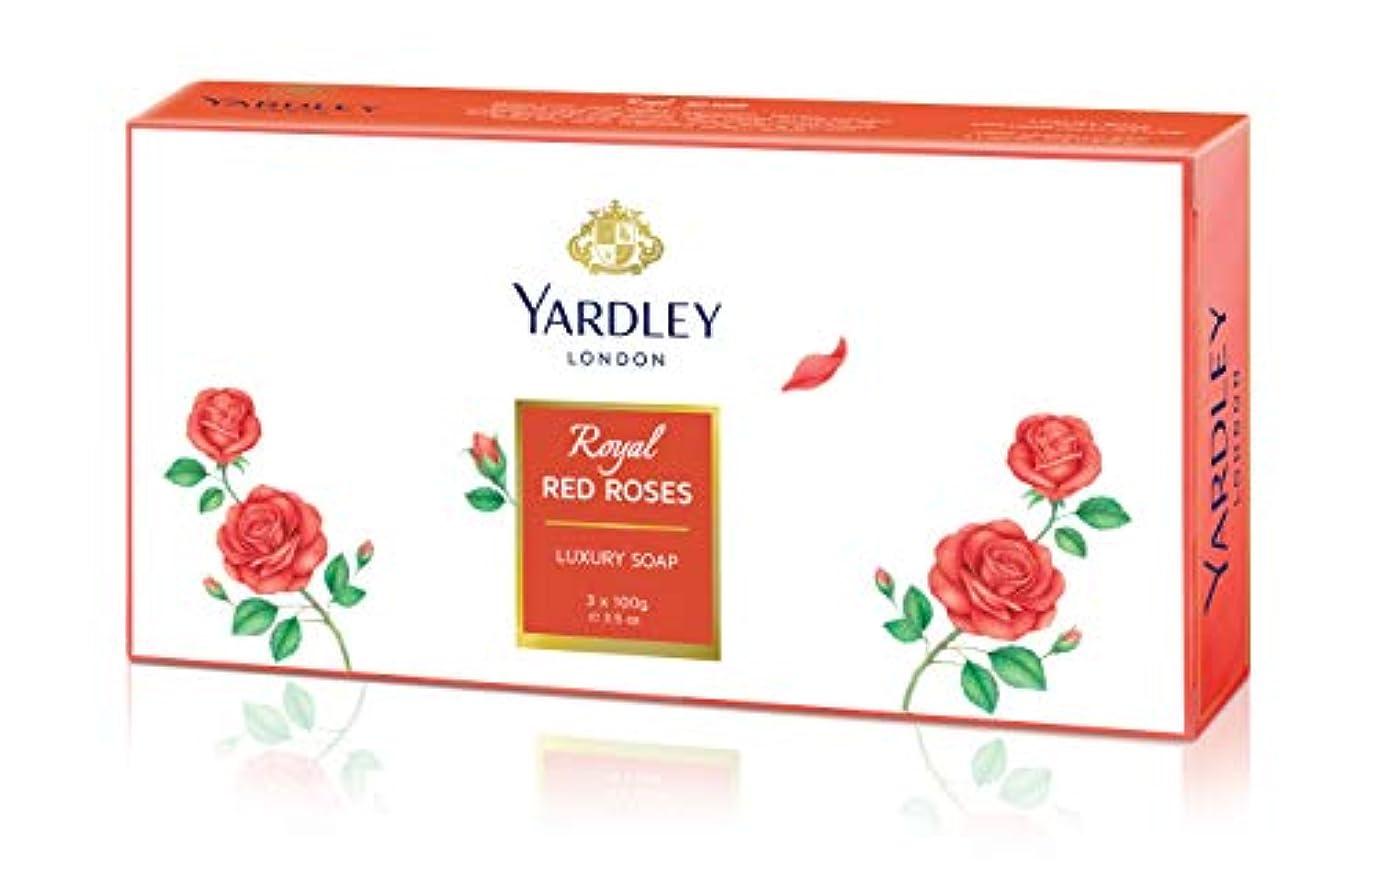 偉業つかいます袋Yardley 1ロンドン赤バラ、3 x net wt。100 g e 3.5oz